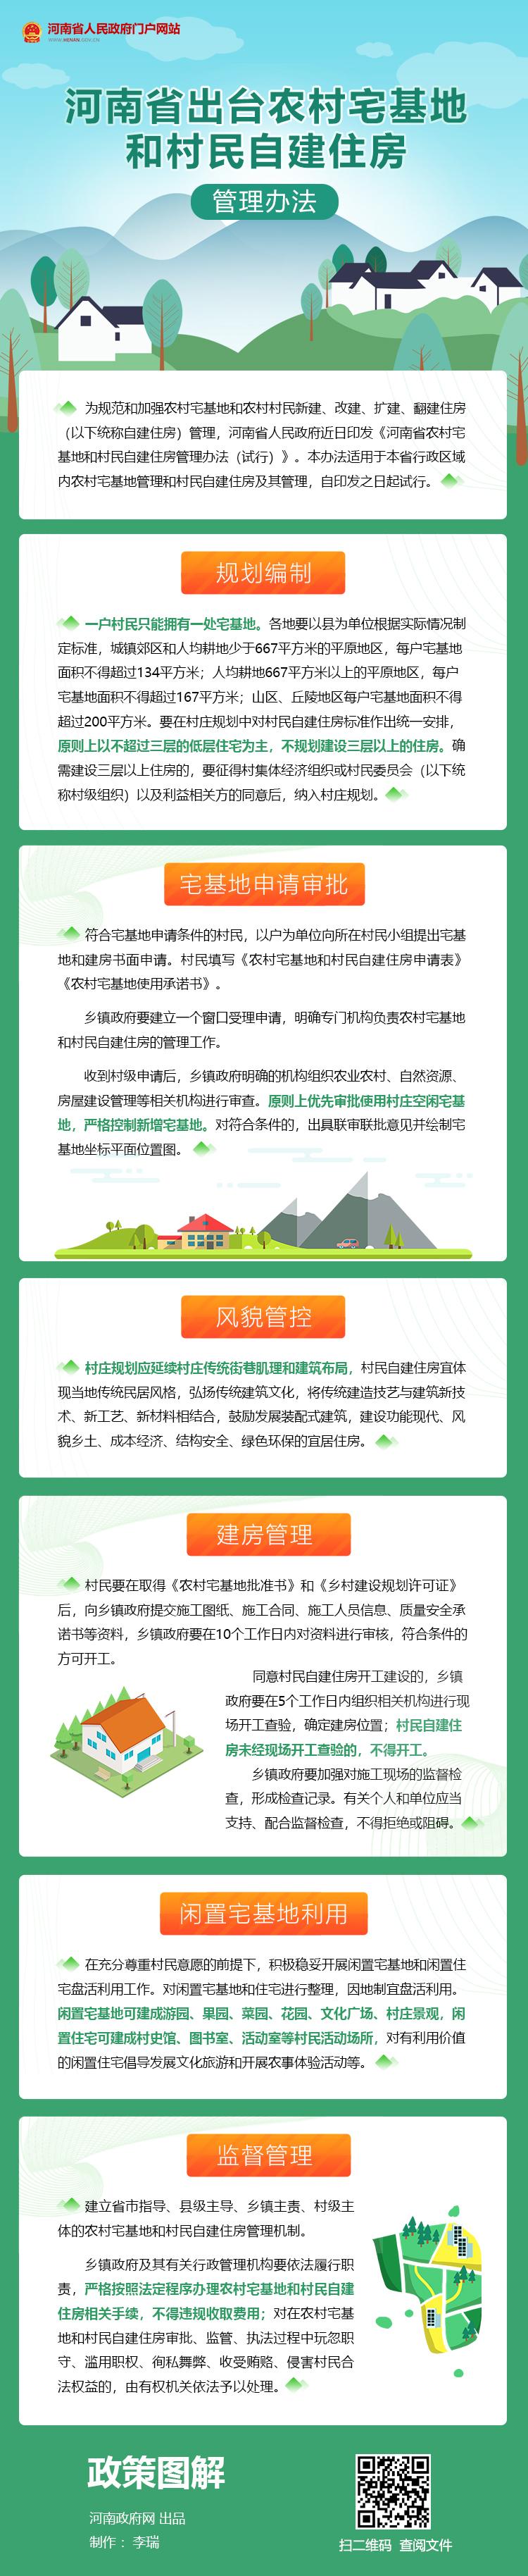 图解:河南省出台农村宅基地和村民自建住房管理办法